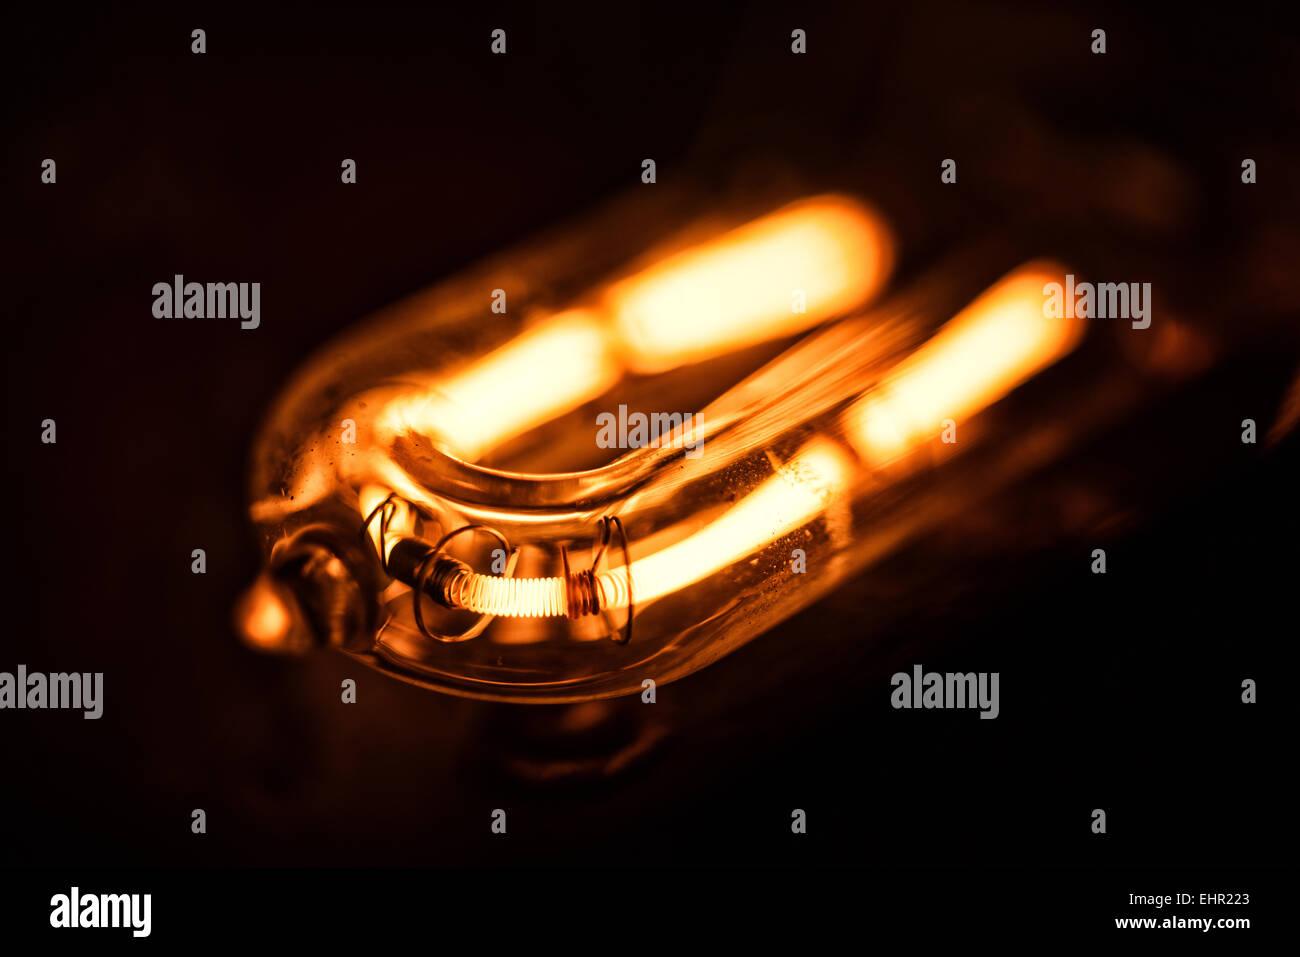 Il filamento incandescente di una 1000 lampada alogena al quarzo con scaglie di metallo e danni termici al riflettore Immagini Stock